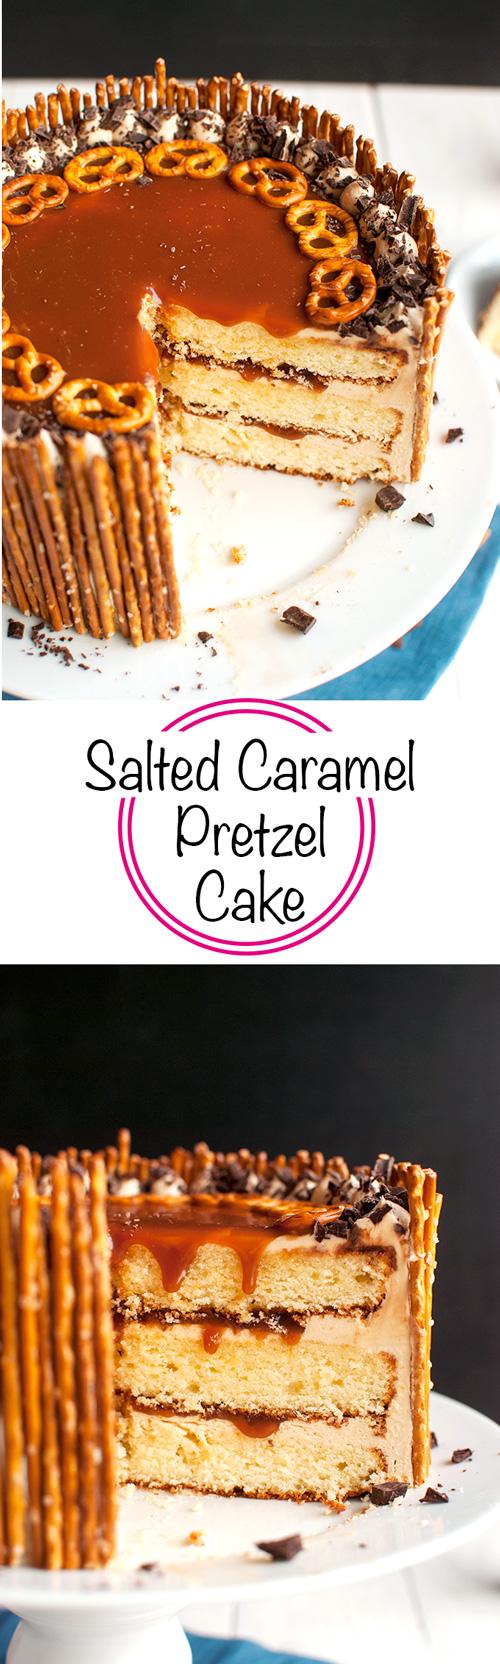 Salted Caramel Pretzel Cake - To die for! | thetoughcookie.com